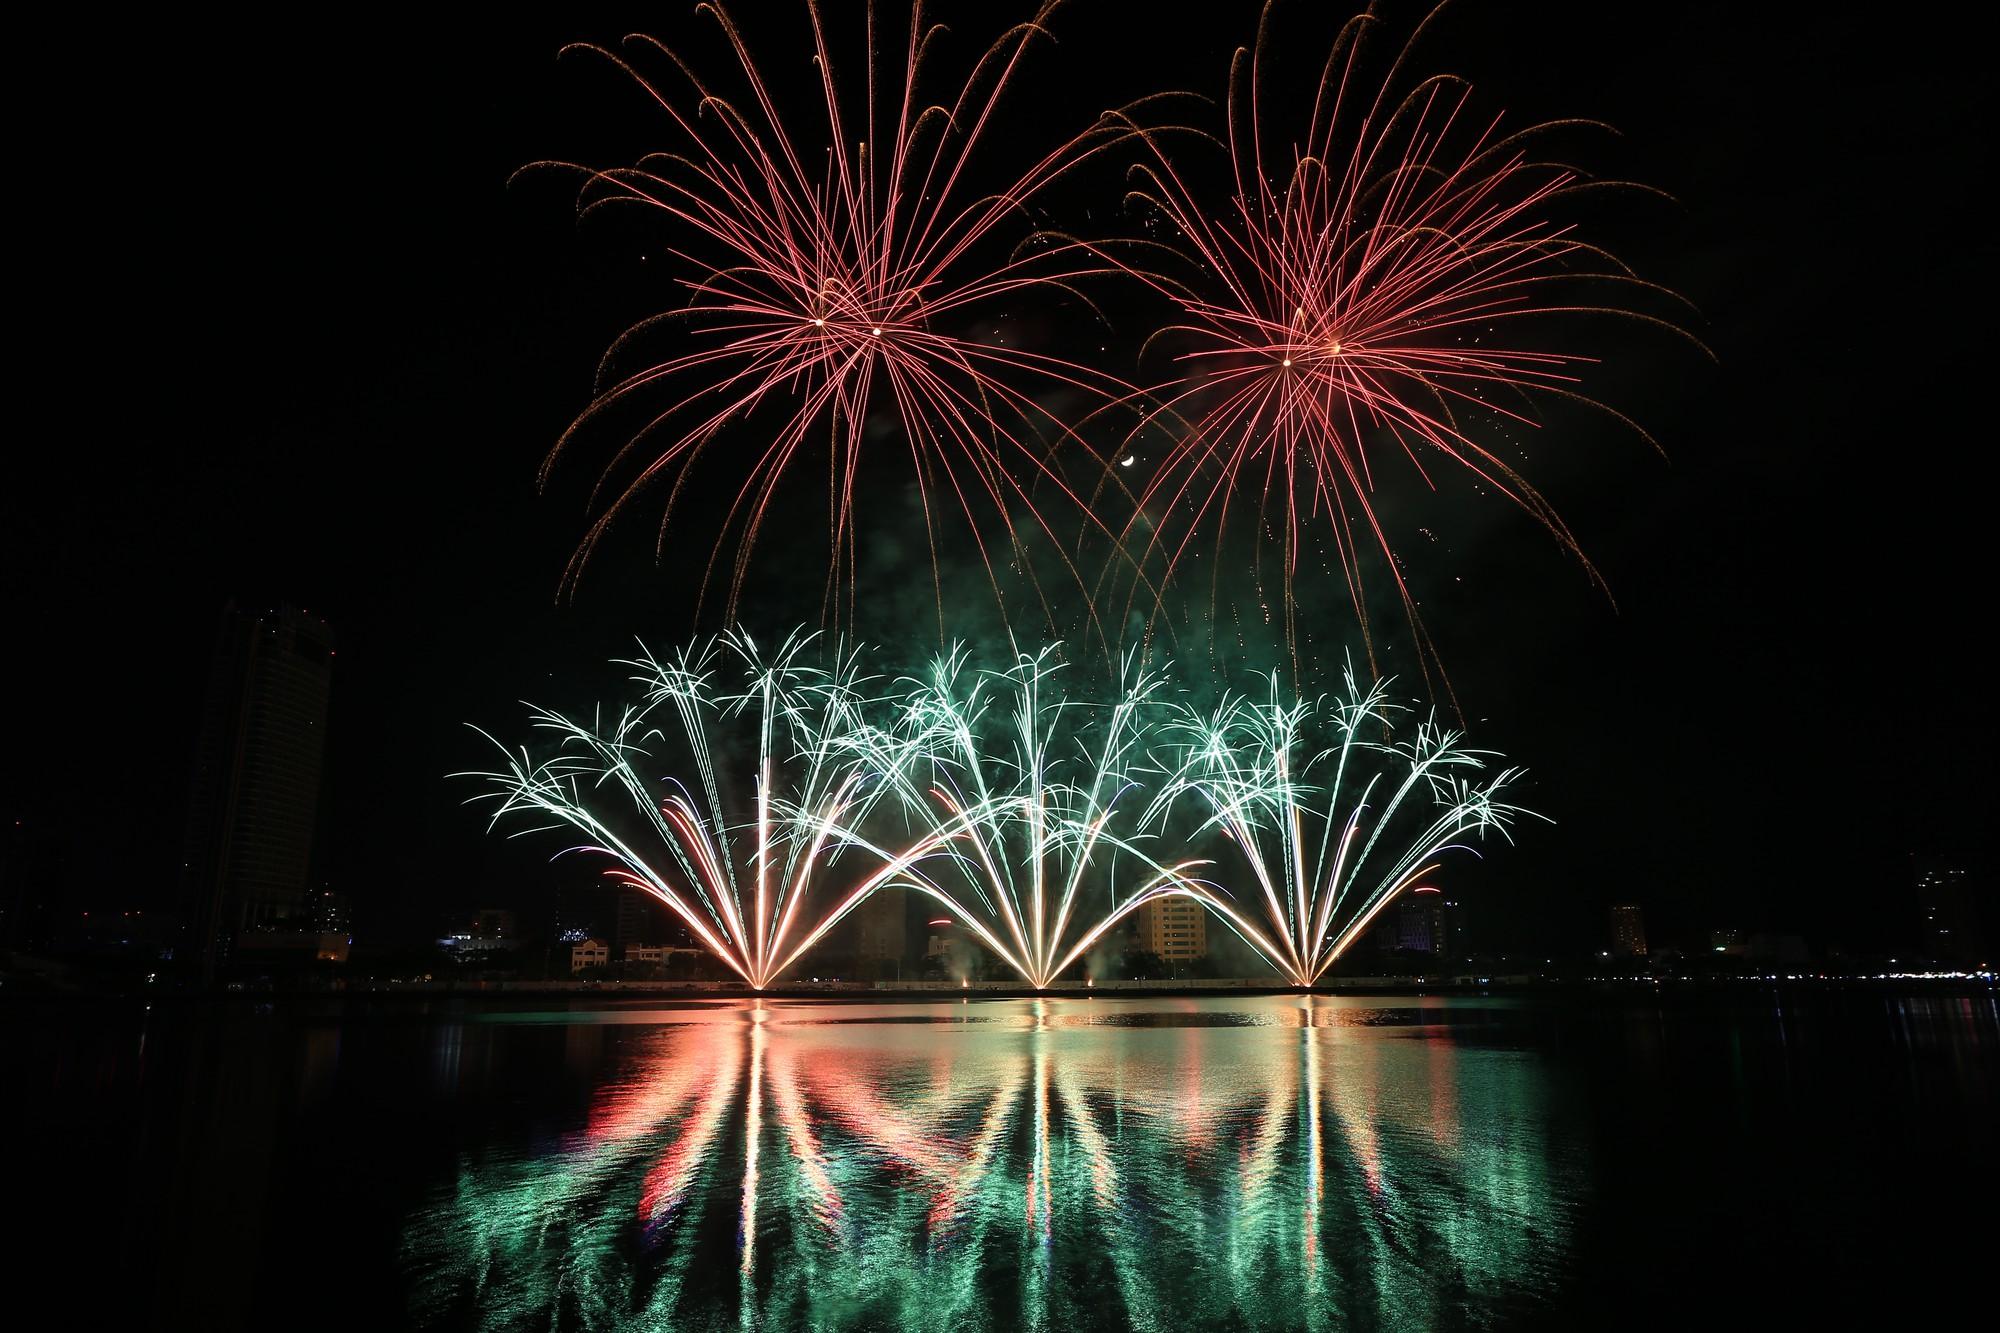 Brasil và Bỉ gửi thông điệp tình yêu bằng ánh sáng pháo hoa trên sông Hàn - Ảnh 12.